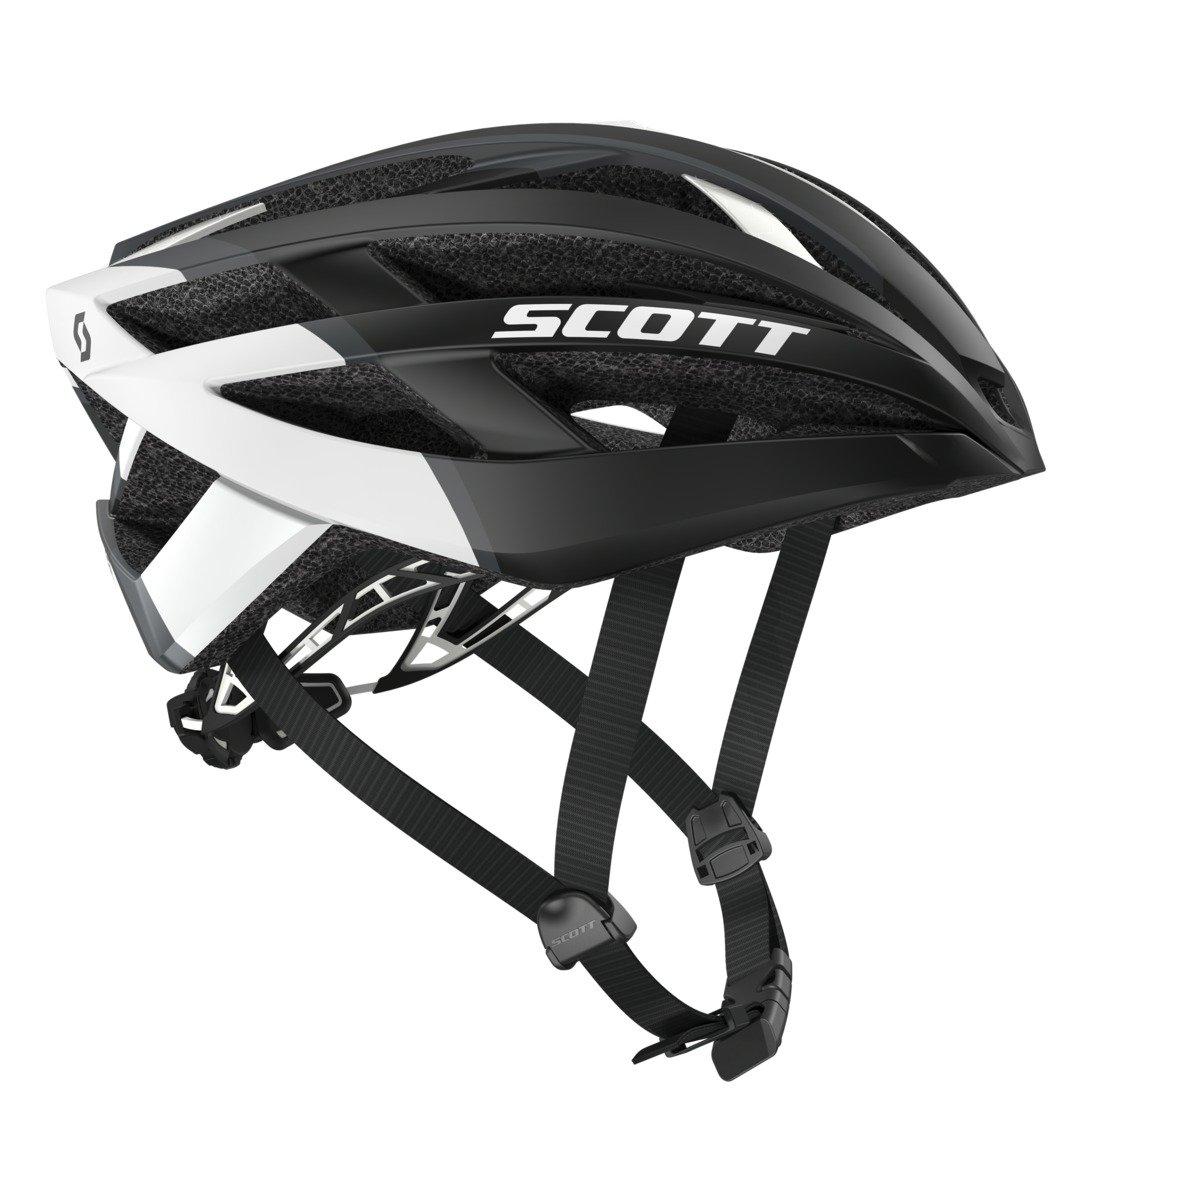 SCOTT(スコット) ヘルメット 自転車用ヘルメット Wit-R (CE) ブラック L/59-61cm  B00NCKNFHK